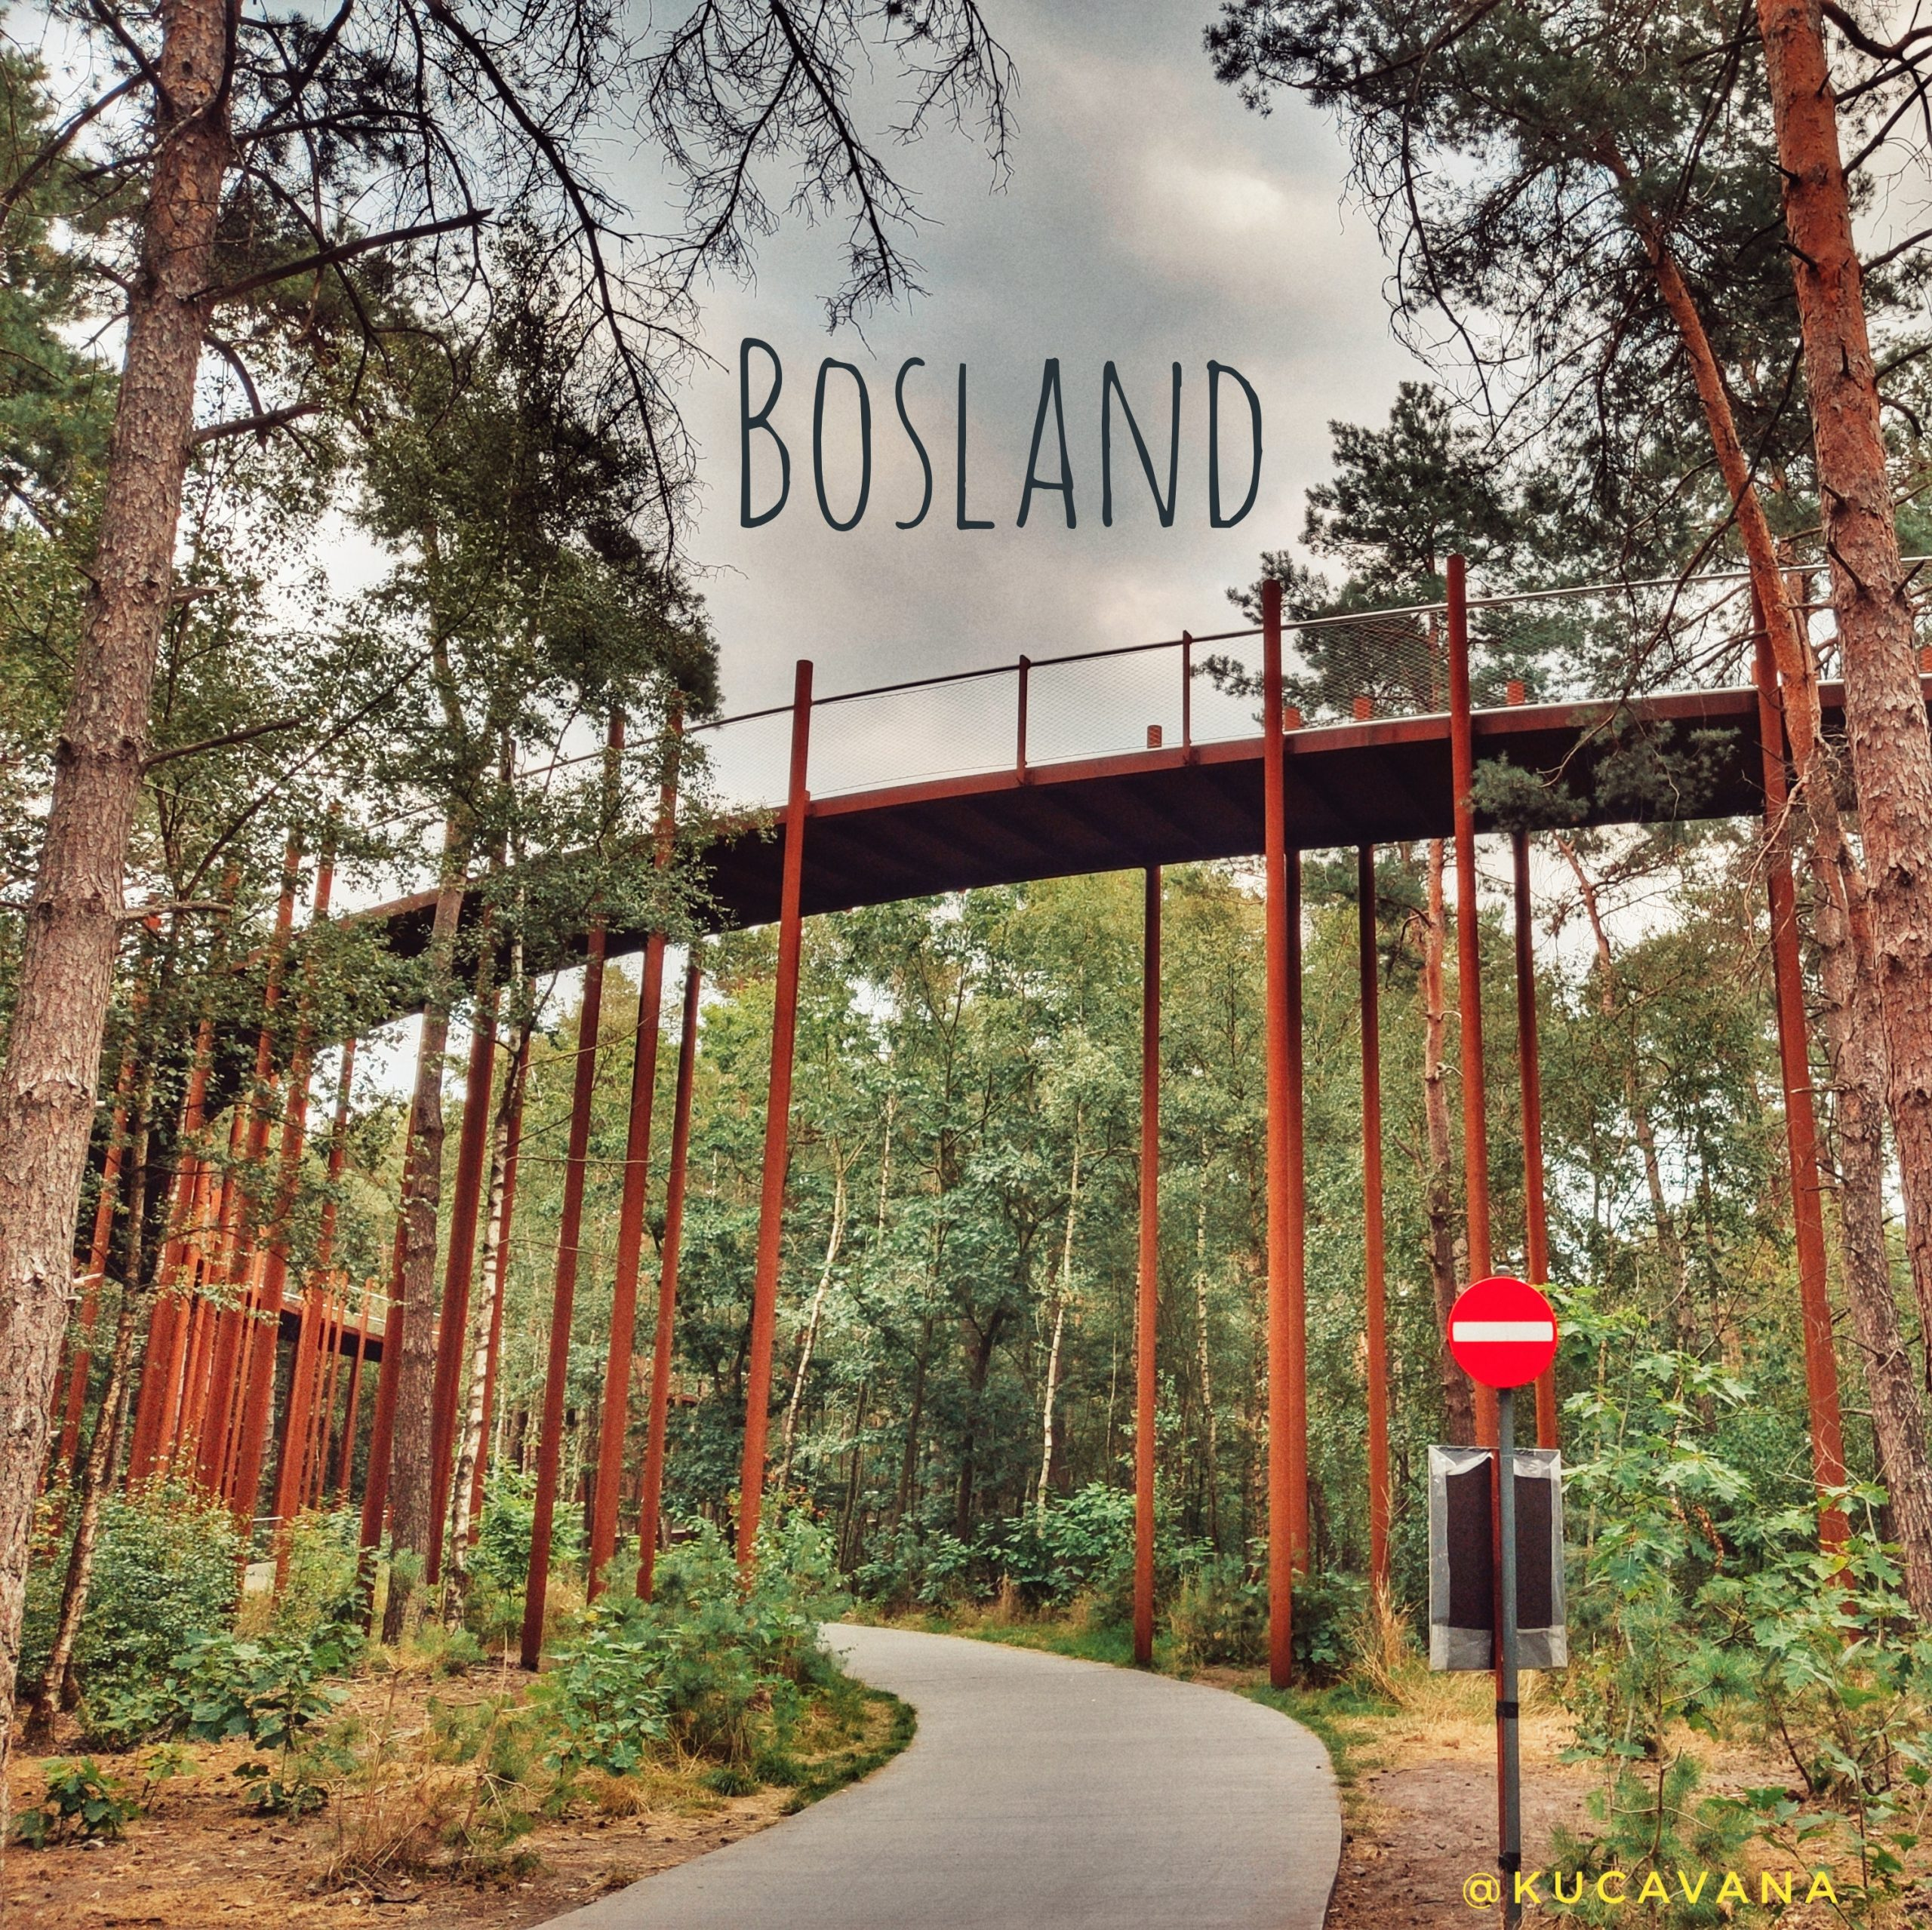 Bosland: més de 400 km de rutes en bicicleta, fins per sobre dels arbres!